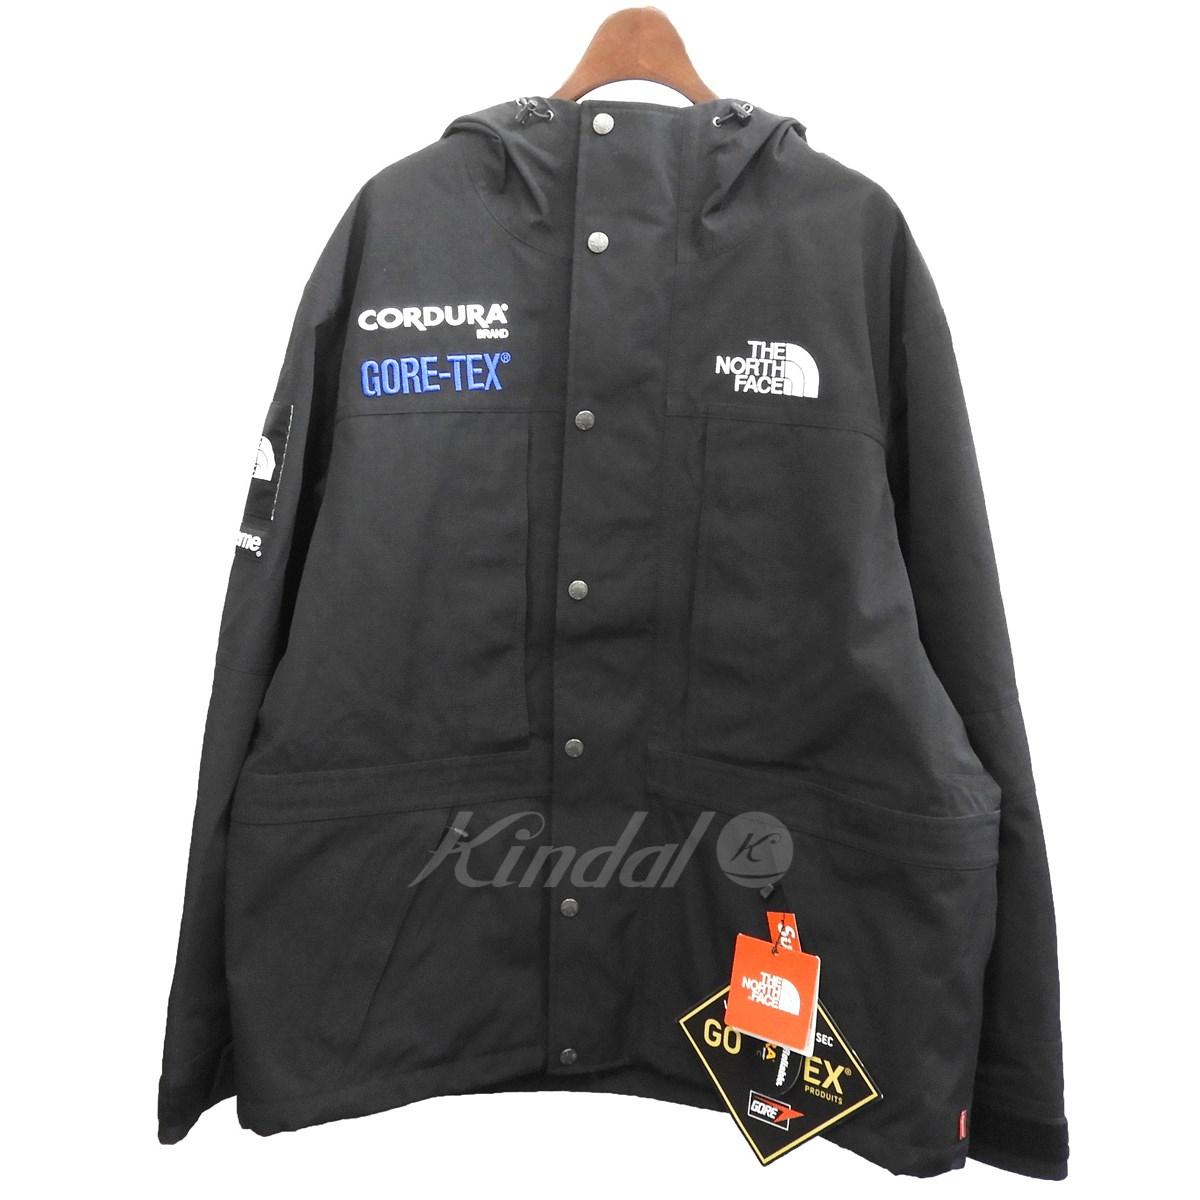 【中古】Supreme×THE NORTH FACE 2018AW 「Expedition Jacket」GORE-TEXエクスペディションジャケット ブラック サイズ:L 【送料無料】 【280319】(シュプリーム ノースフェイス)